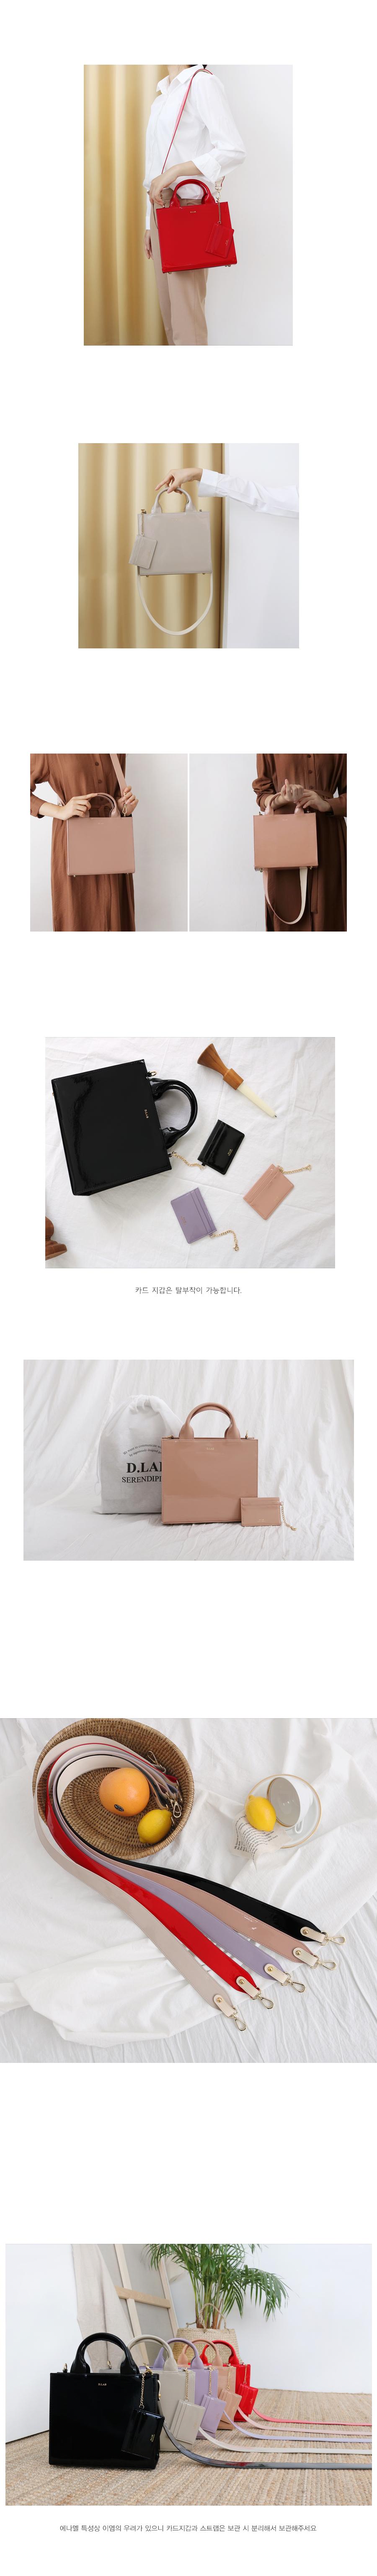 디랩(D.LAB) Candy Bag - Red (카드지갑SET)